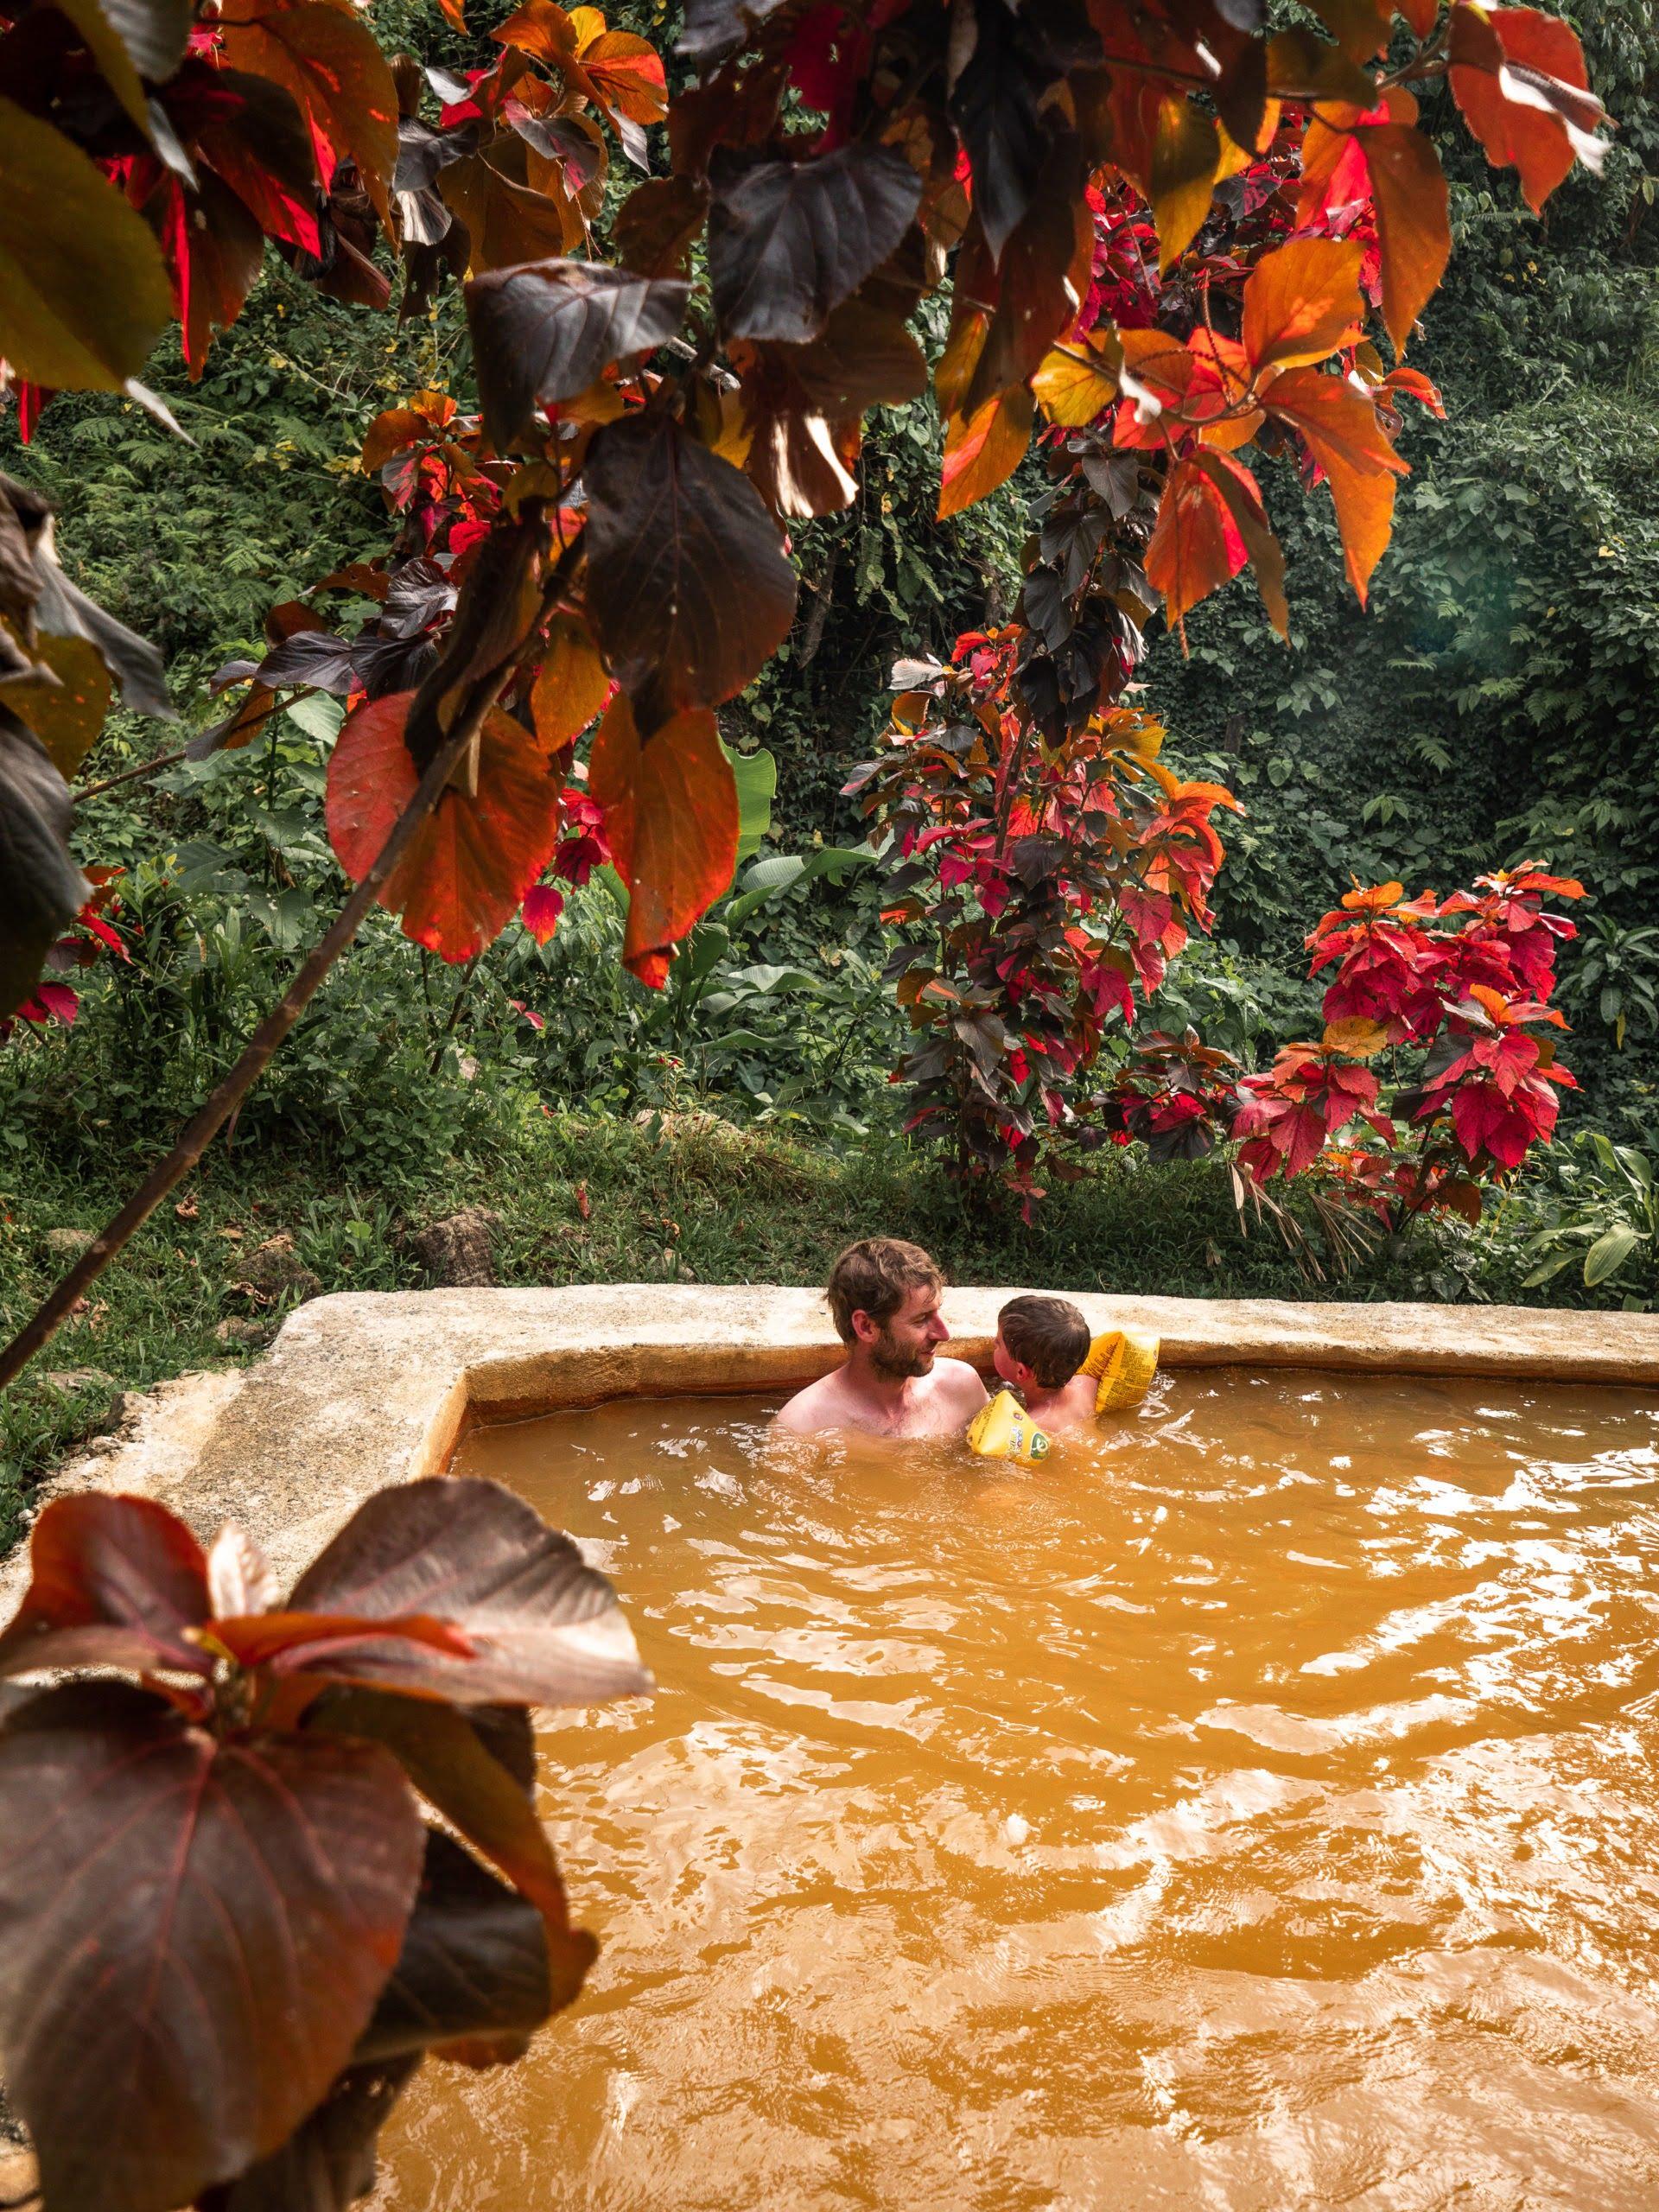 trafalgar falls 52592 - Les globe blogueurs - blog voyage nature